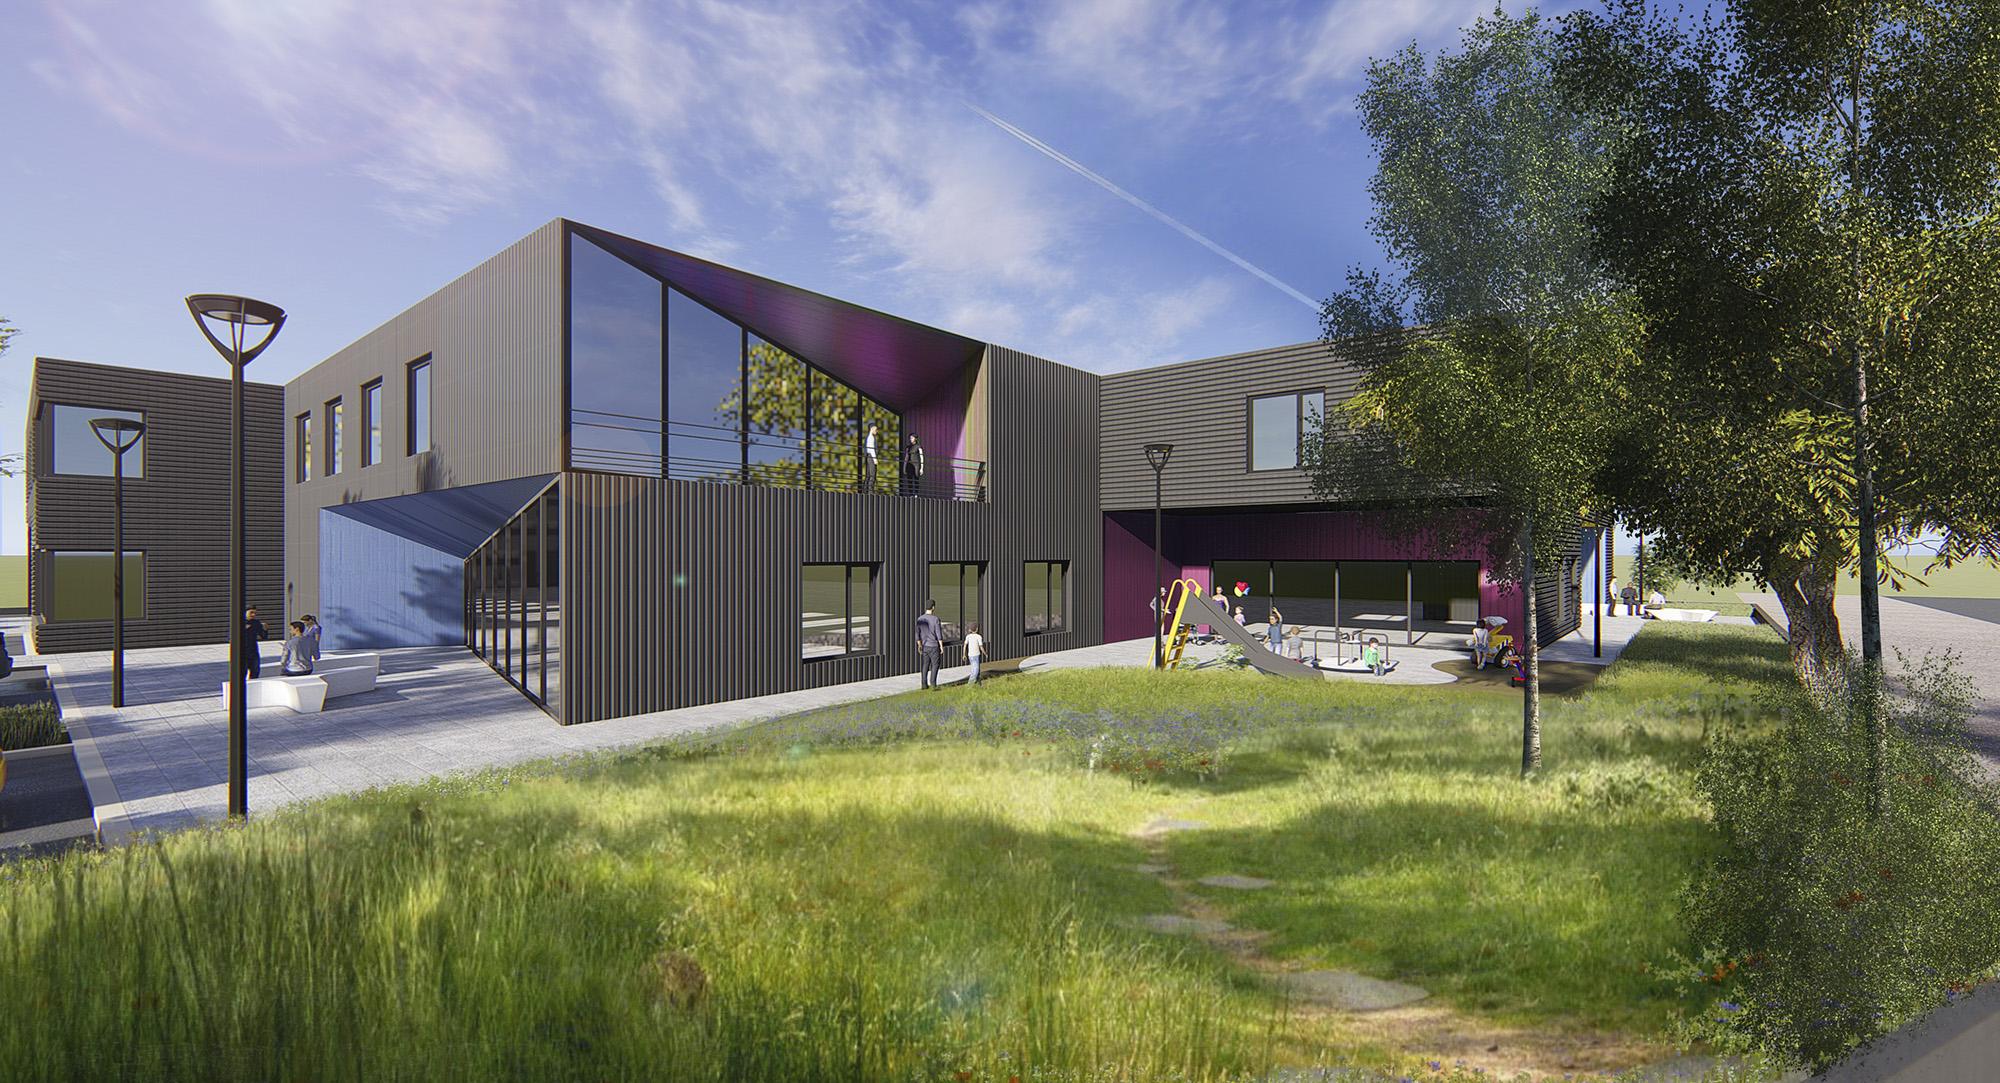 Chouette-architecture-bureaux-dijon-2000-1